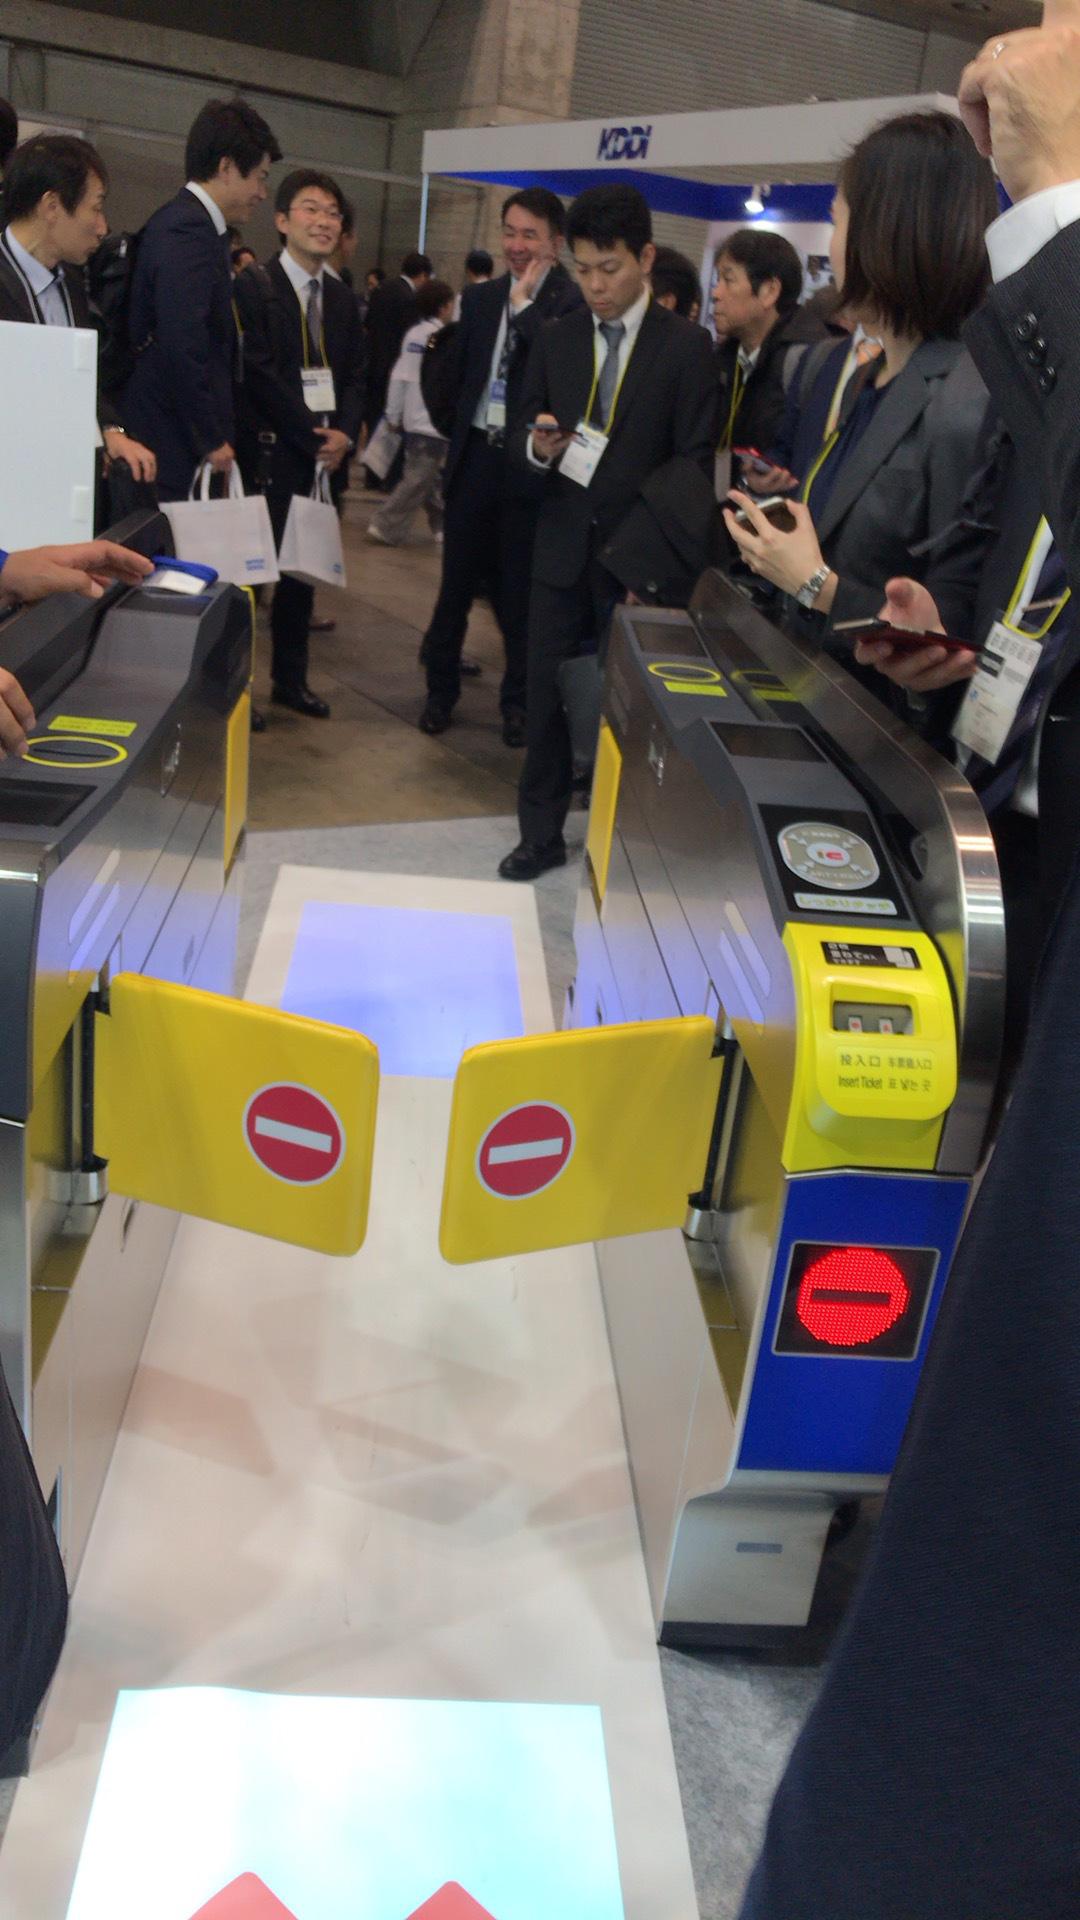 自動改札機の床面ディスプレイ表示です。